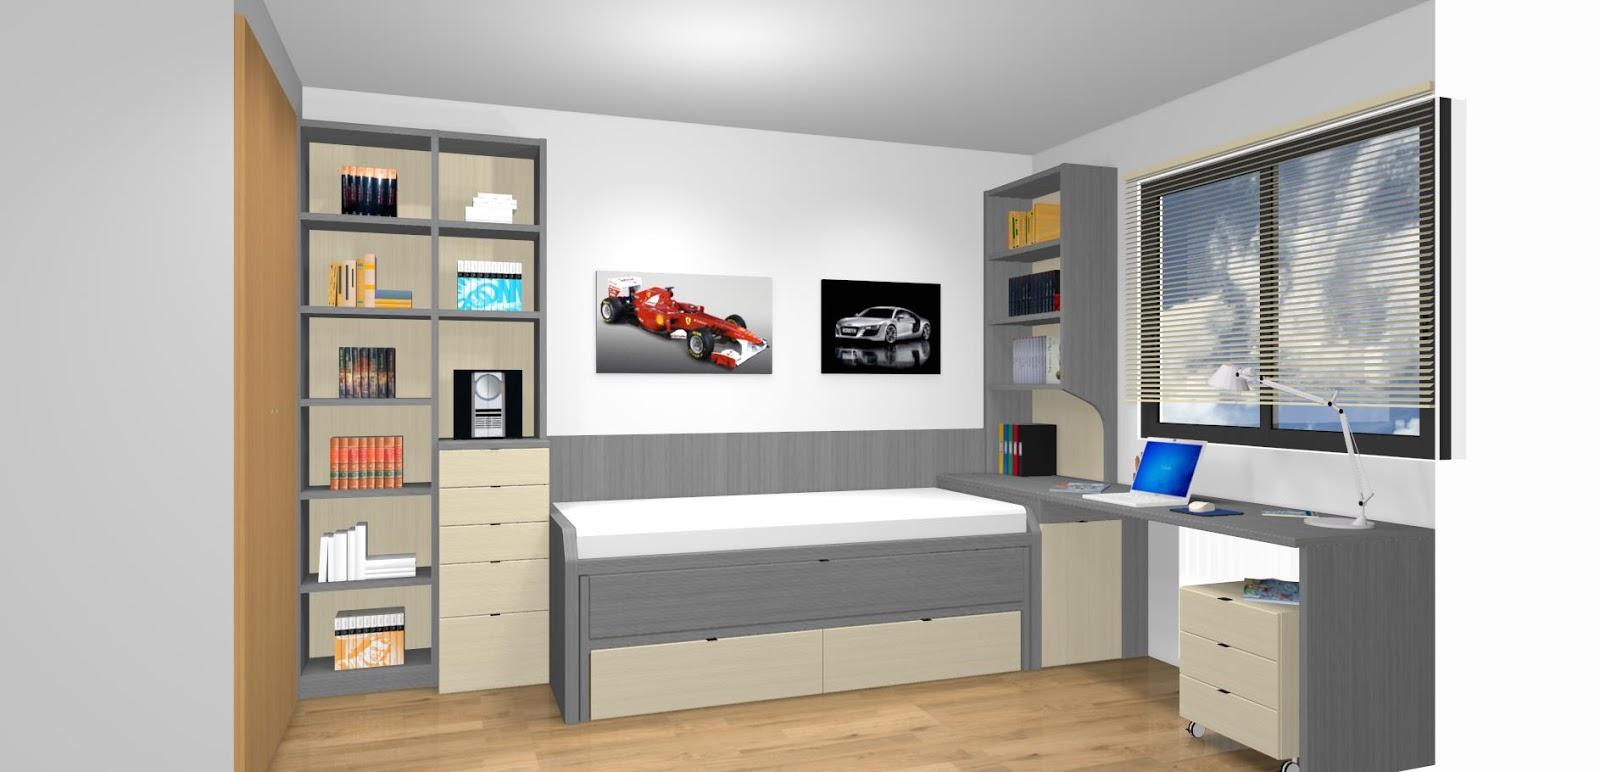 Dormitorios juveniles a medida con cama compacto - Mueble infantil madrid ...